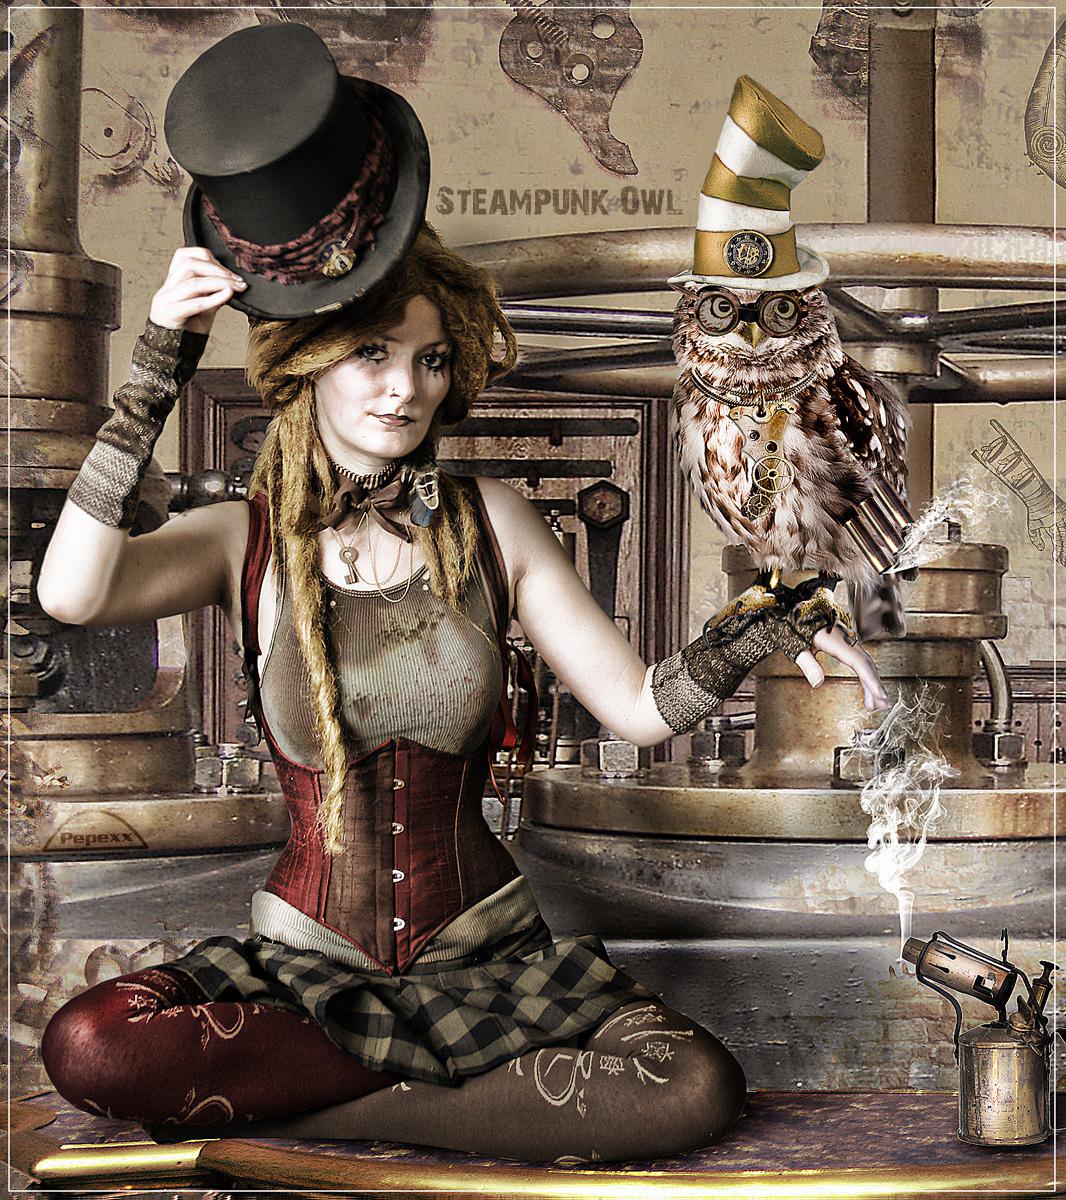 Steampunk Owl By Pepexx On Deviantart